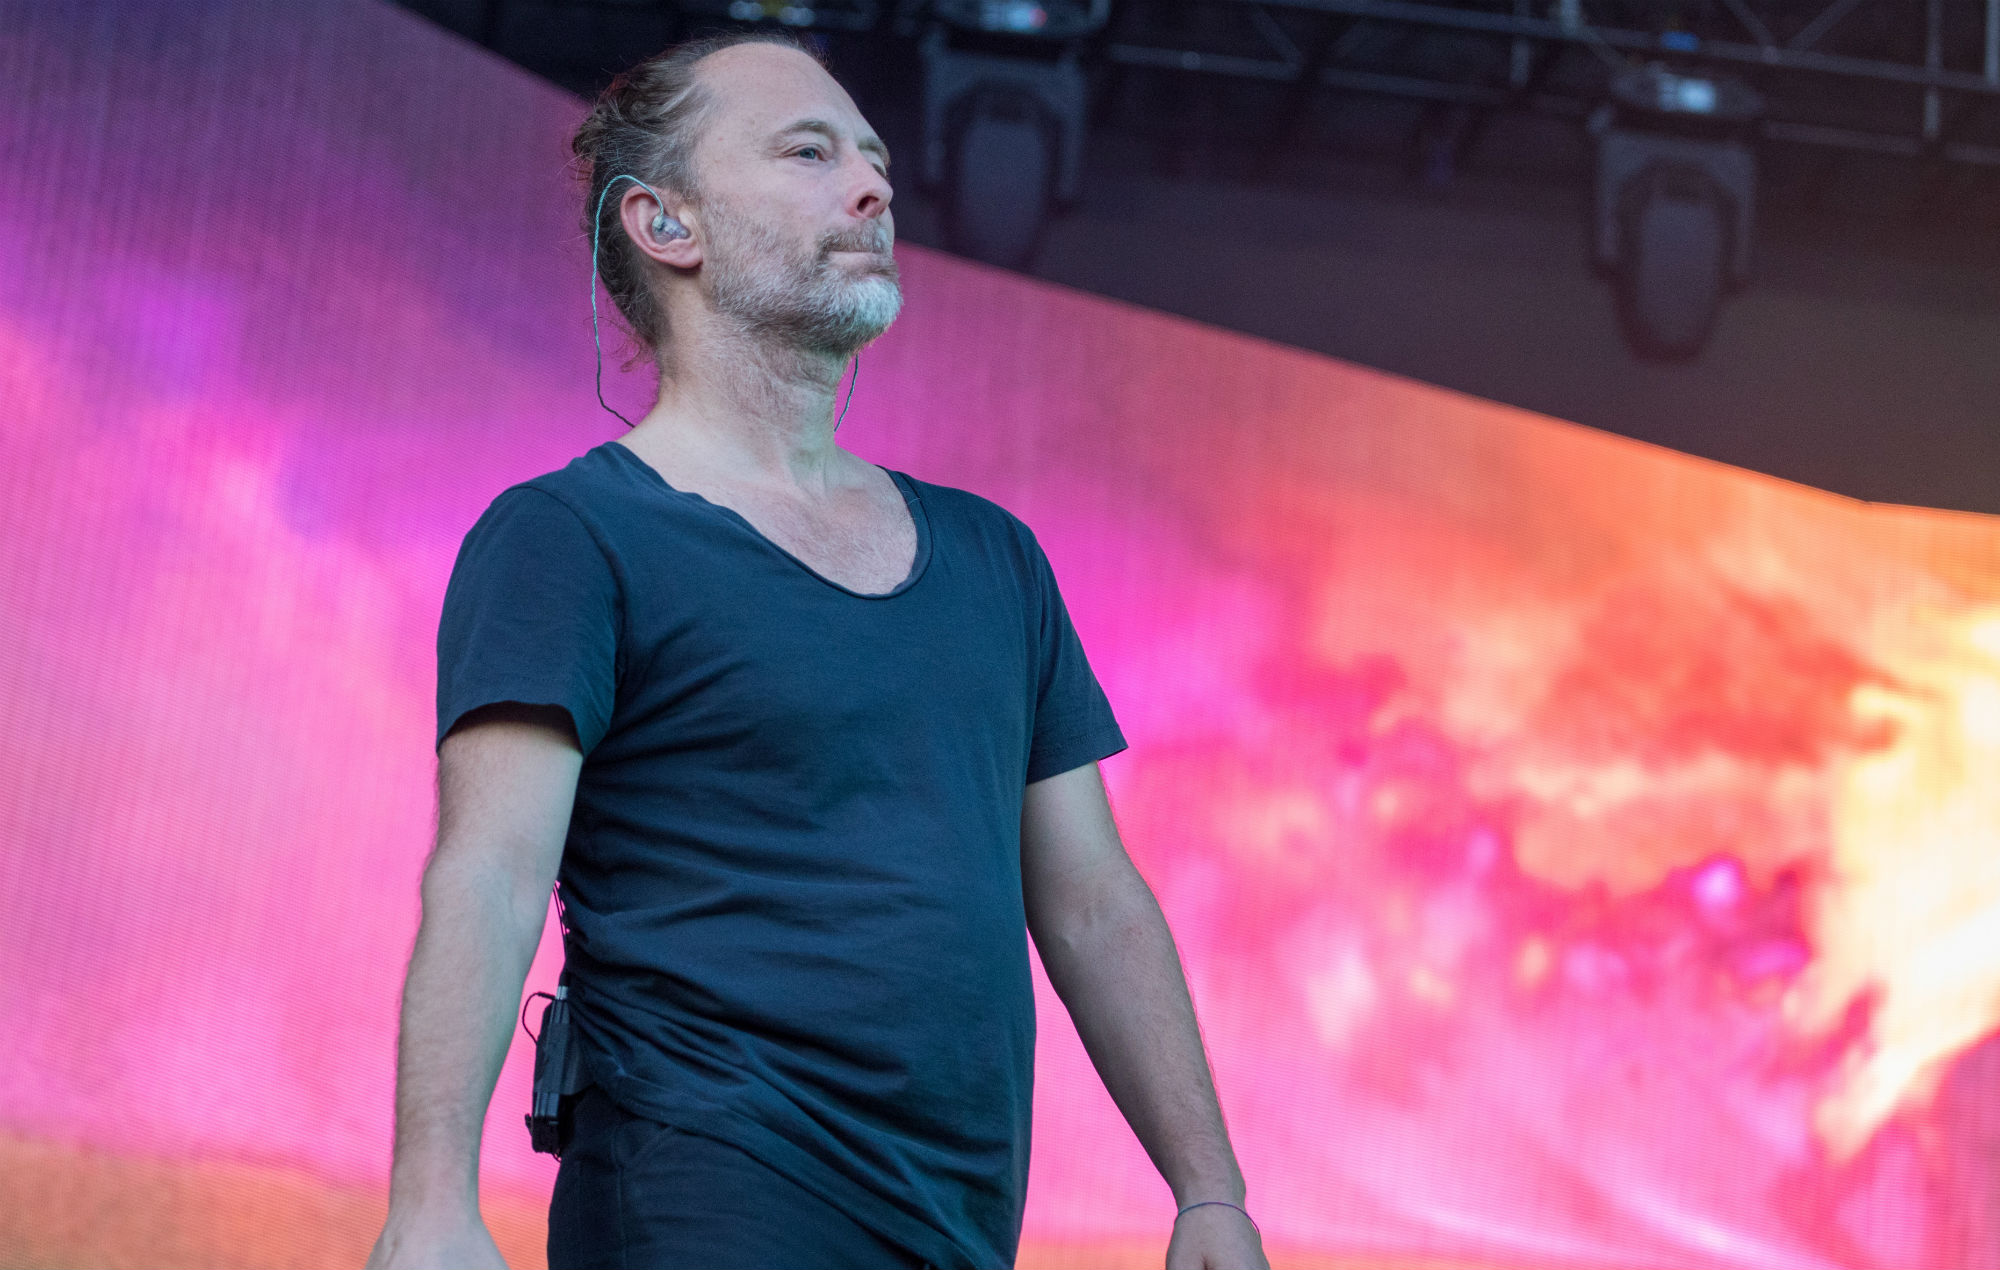 Radiohead Tour 2020.Radiohead Tour 2020 Tour 2020 Infiniteradio